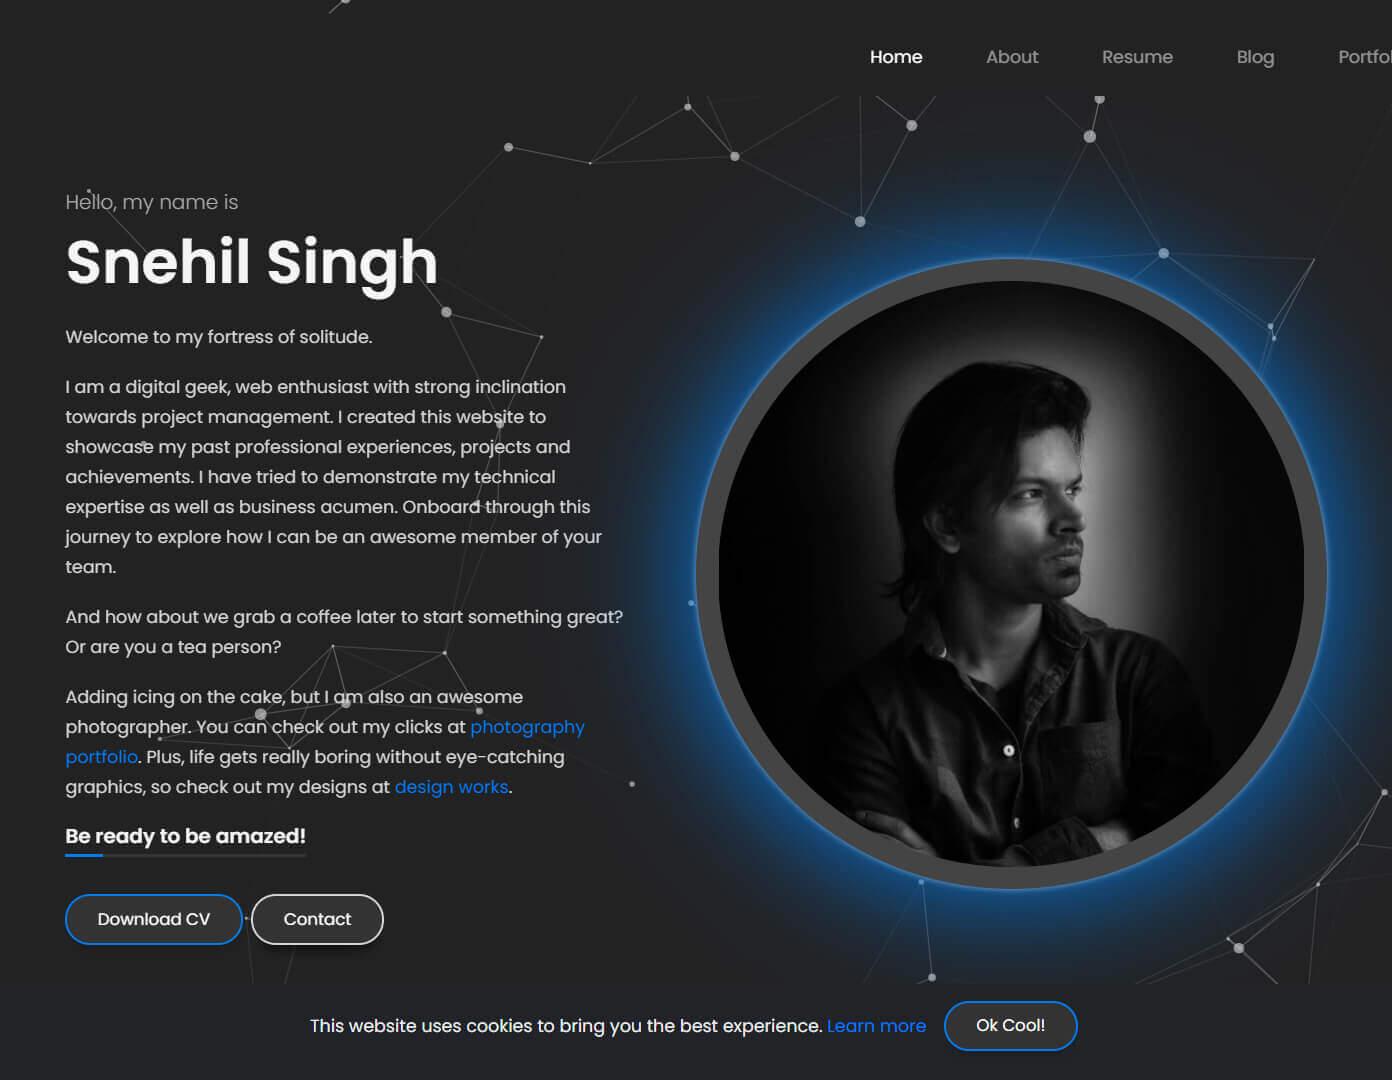 Snehil Singh Website